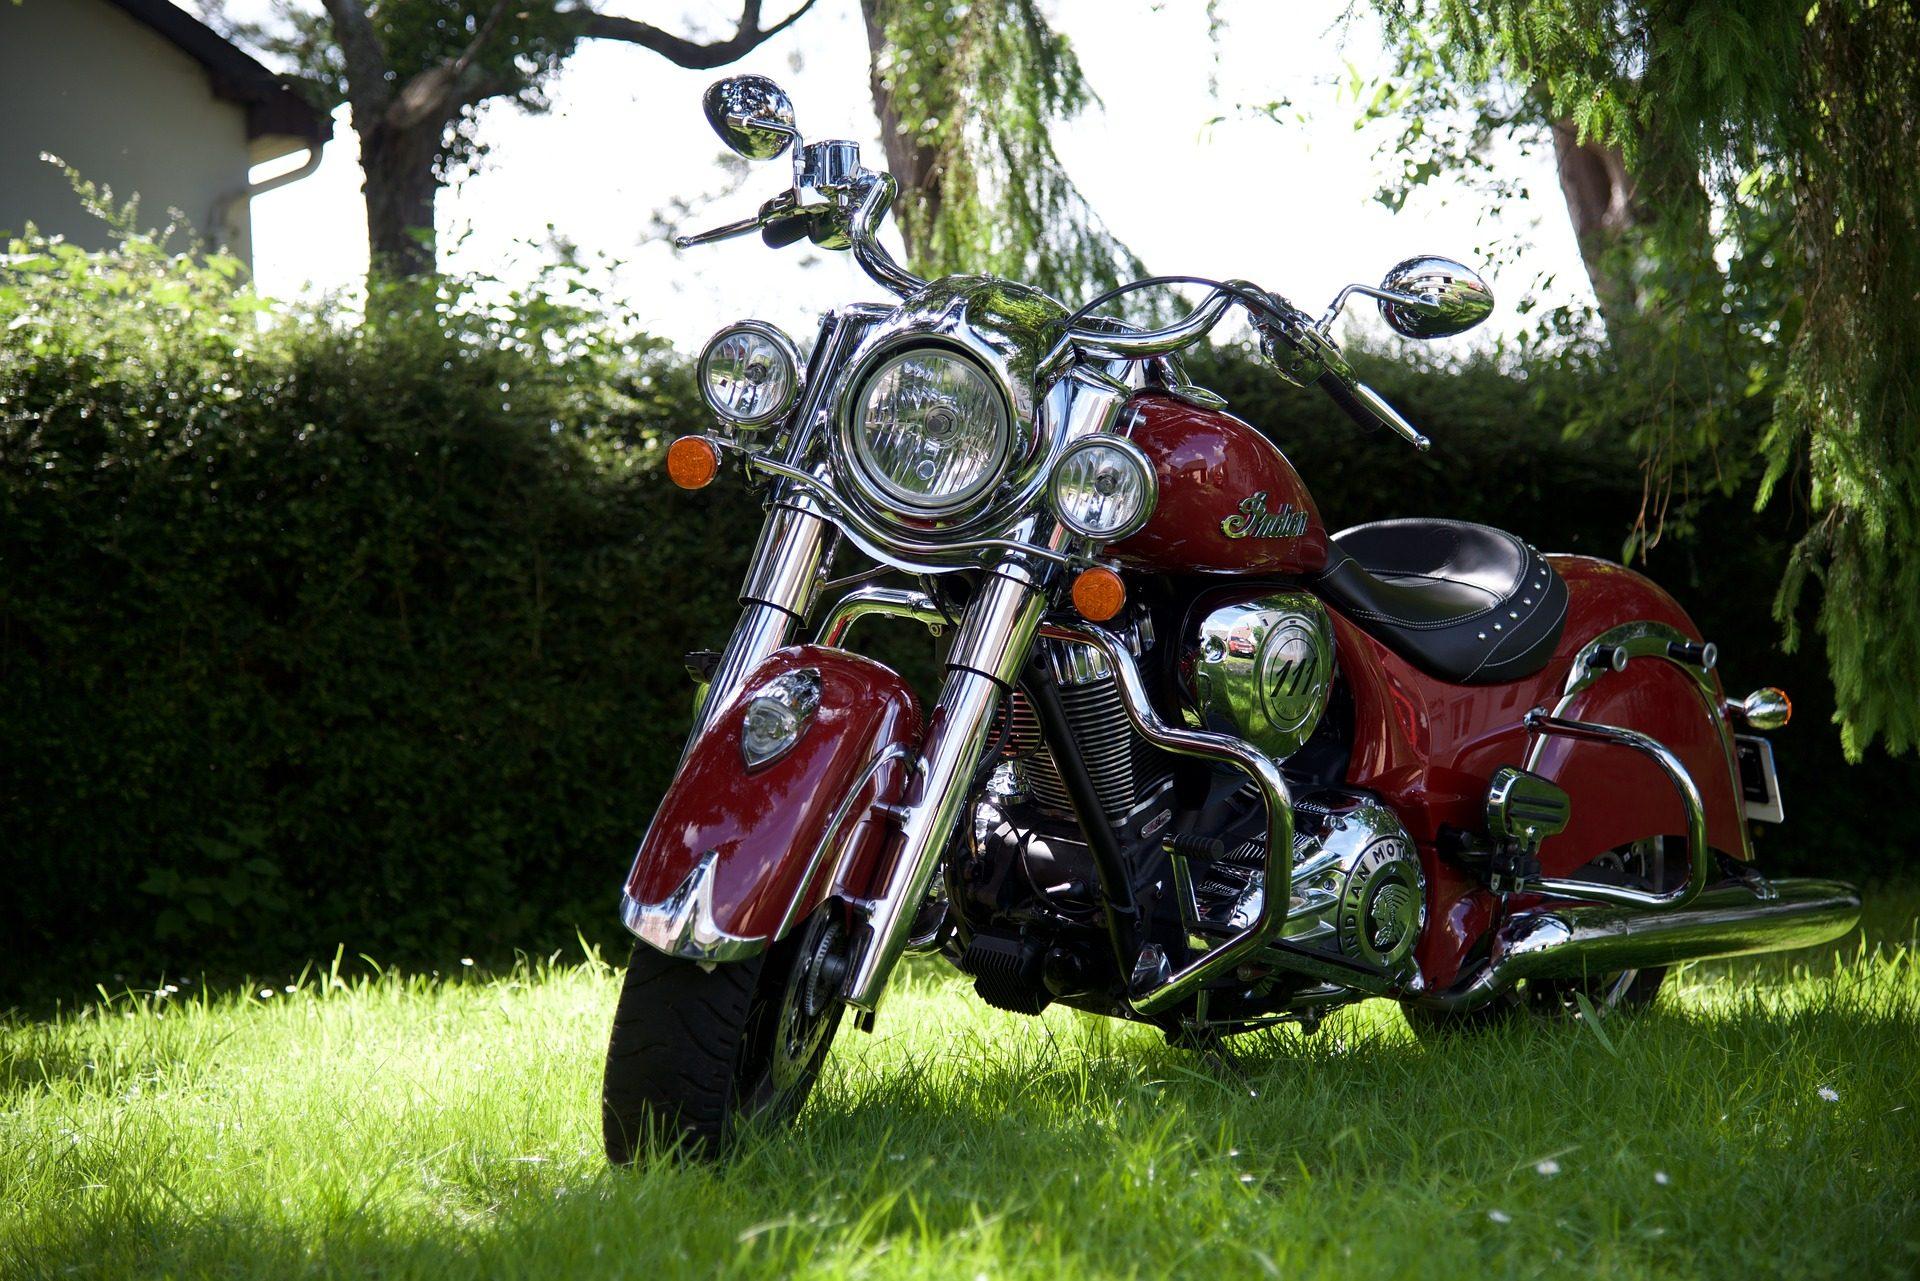 мотоцикл, Индийская, Спрингфилд, яркость, Сад, Красный - Обои HD - Профессор falken.com